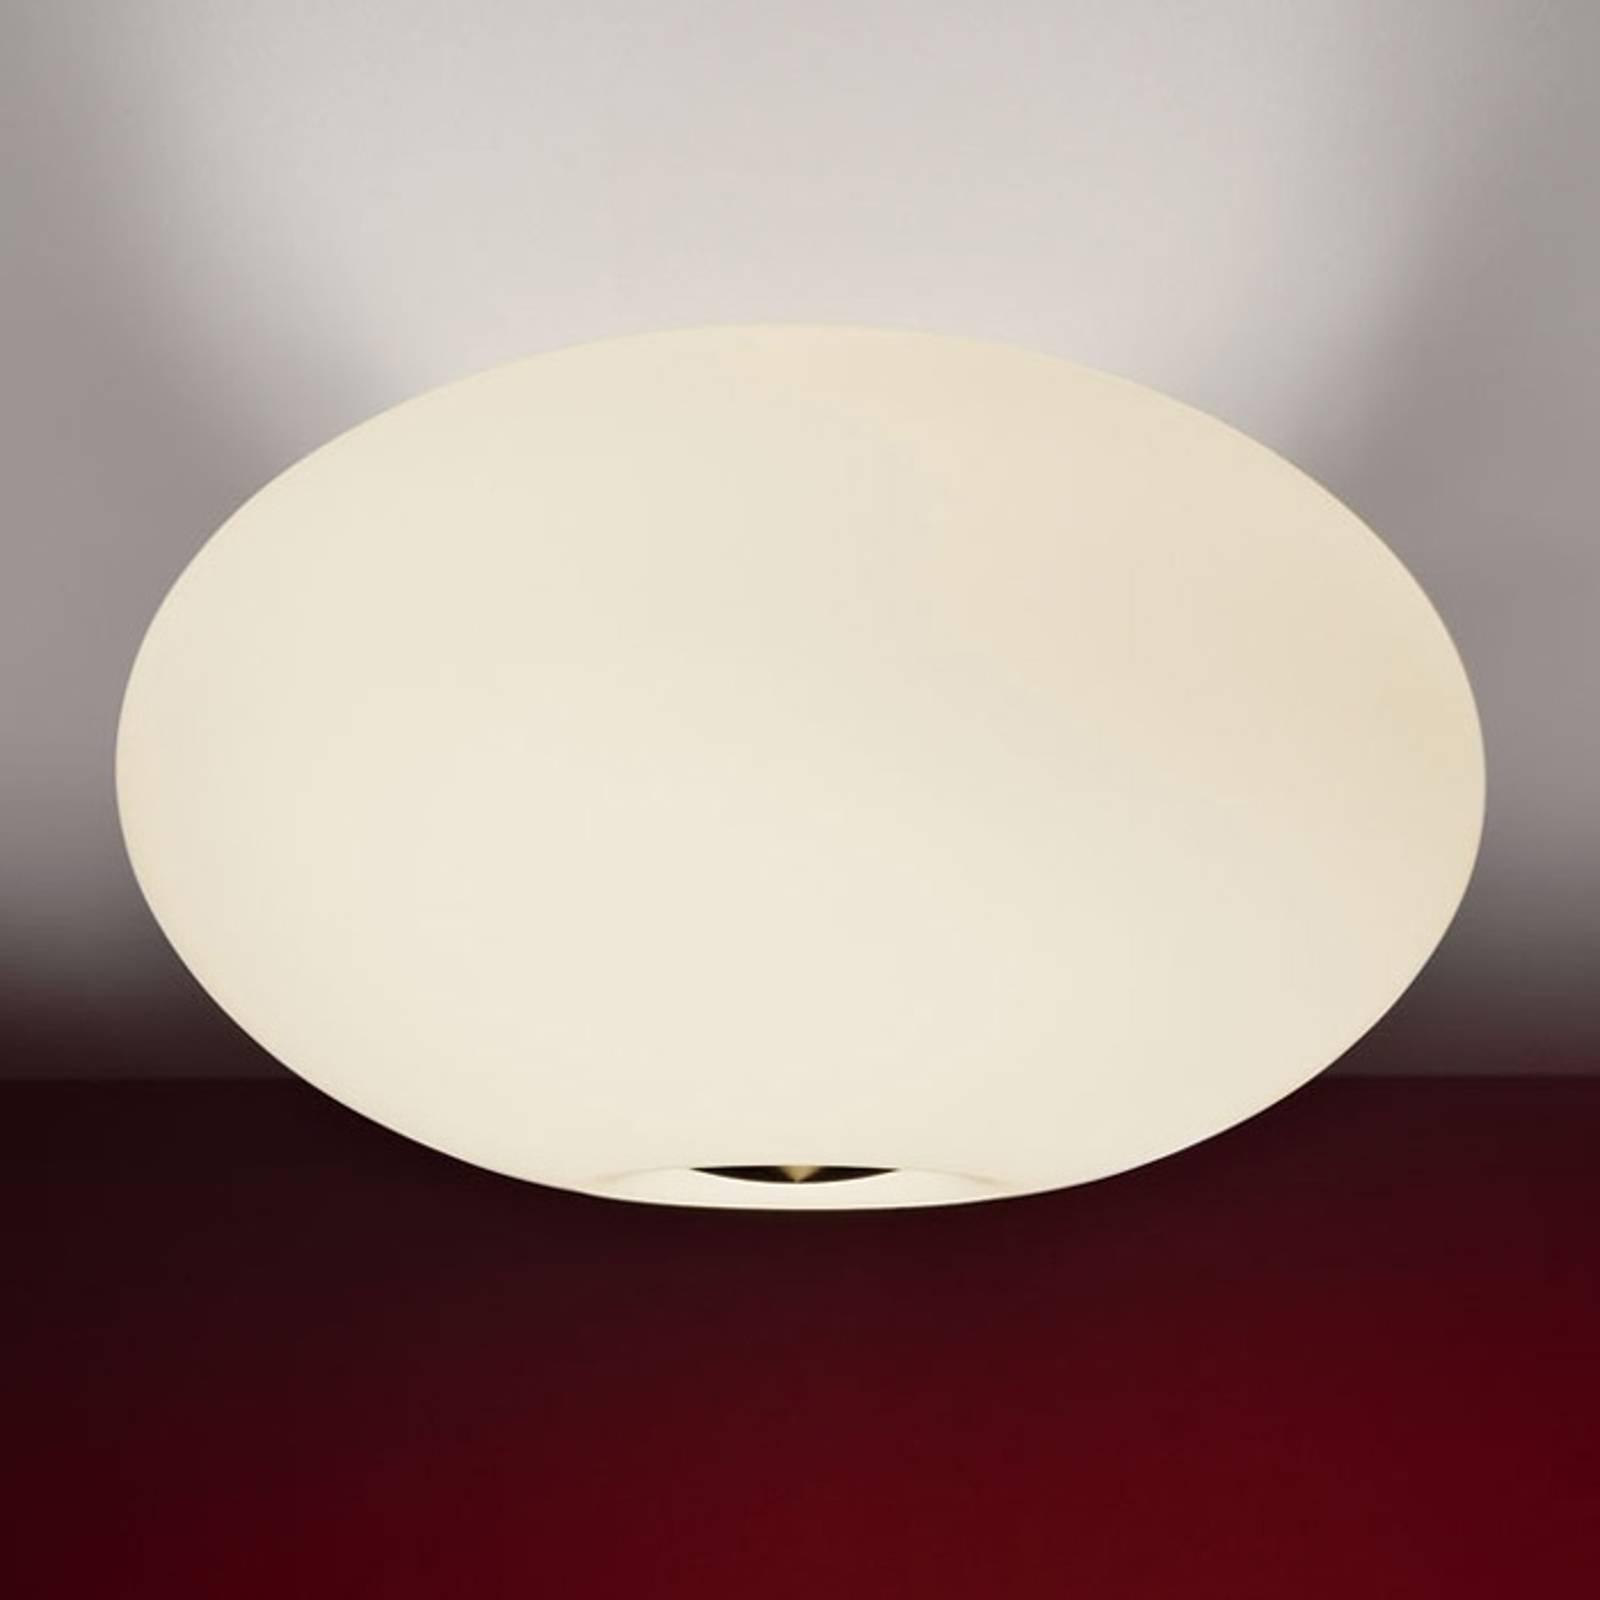 Vakker taklampe AIH 38 cm kremfarget matt